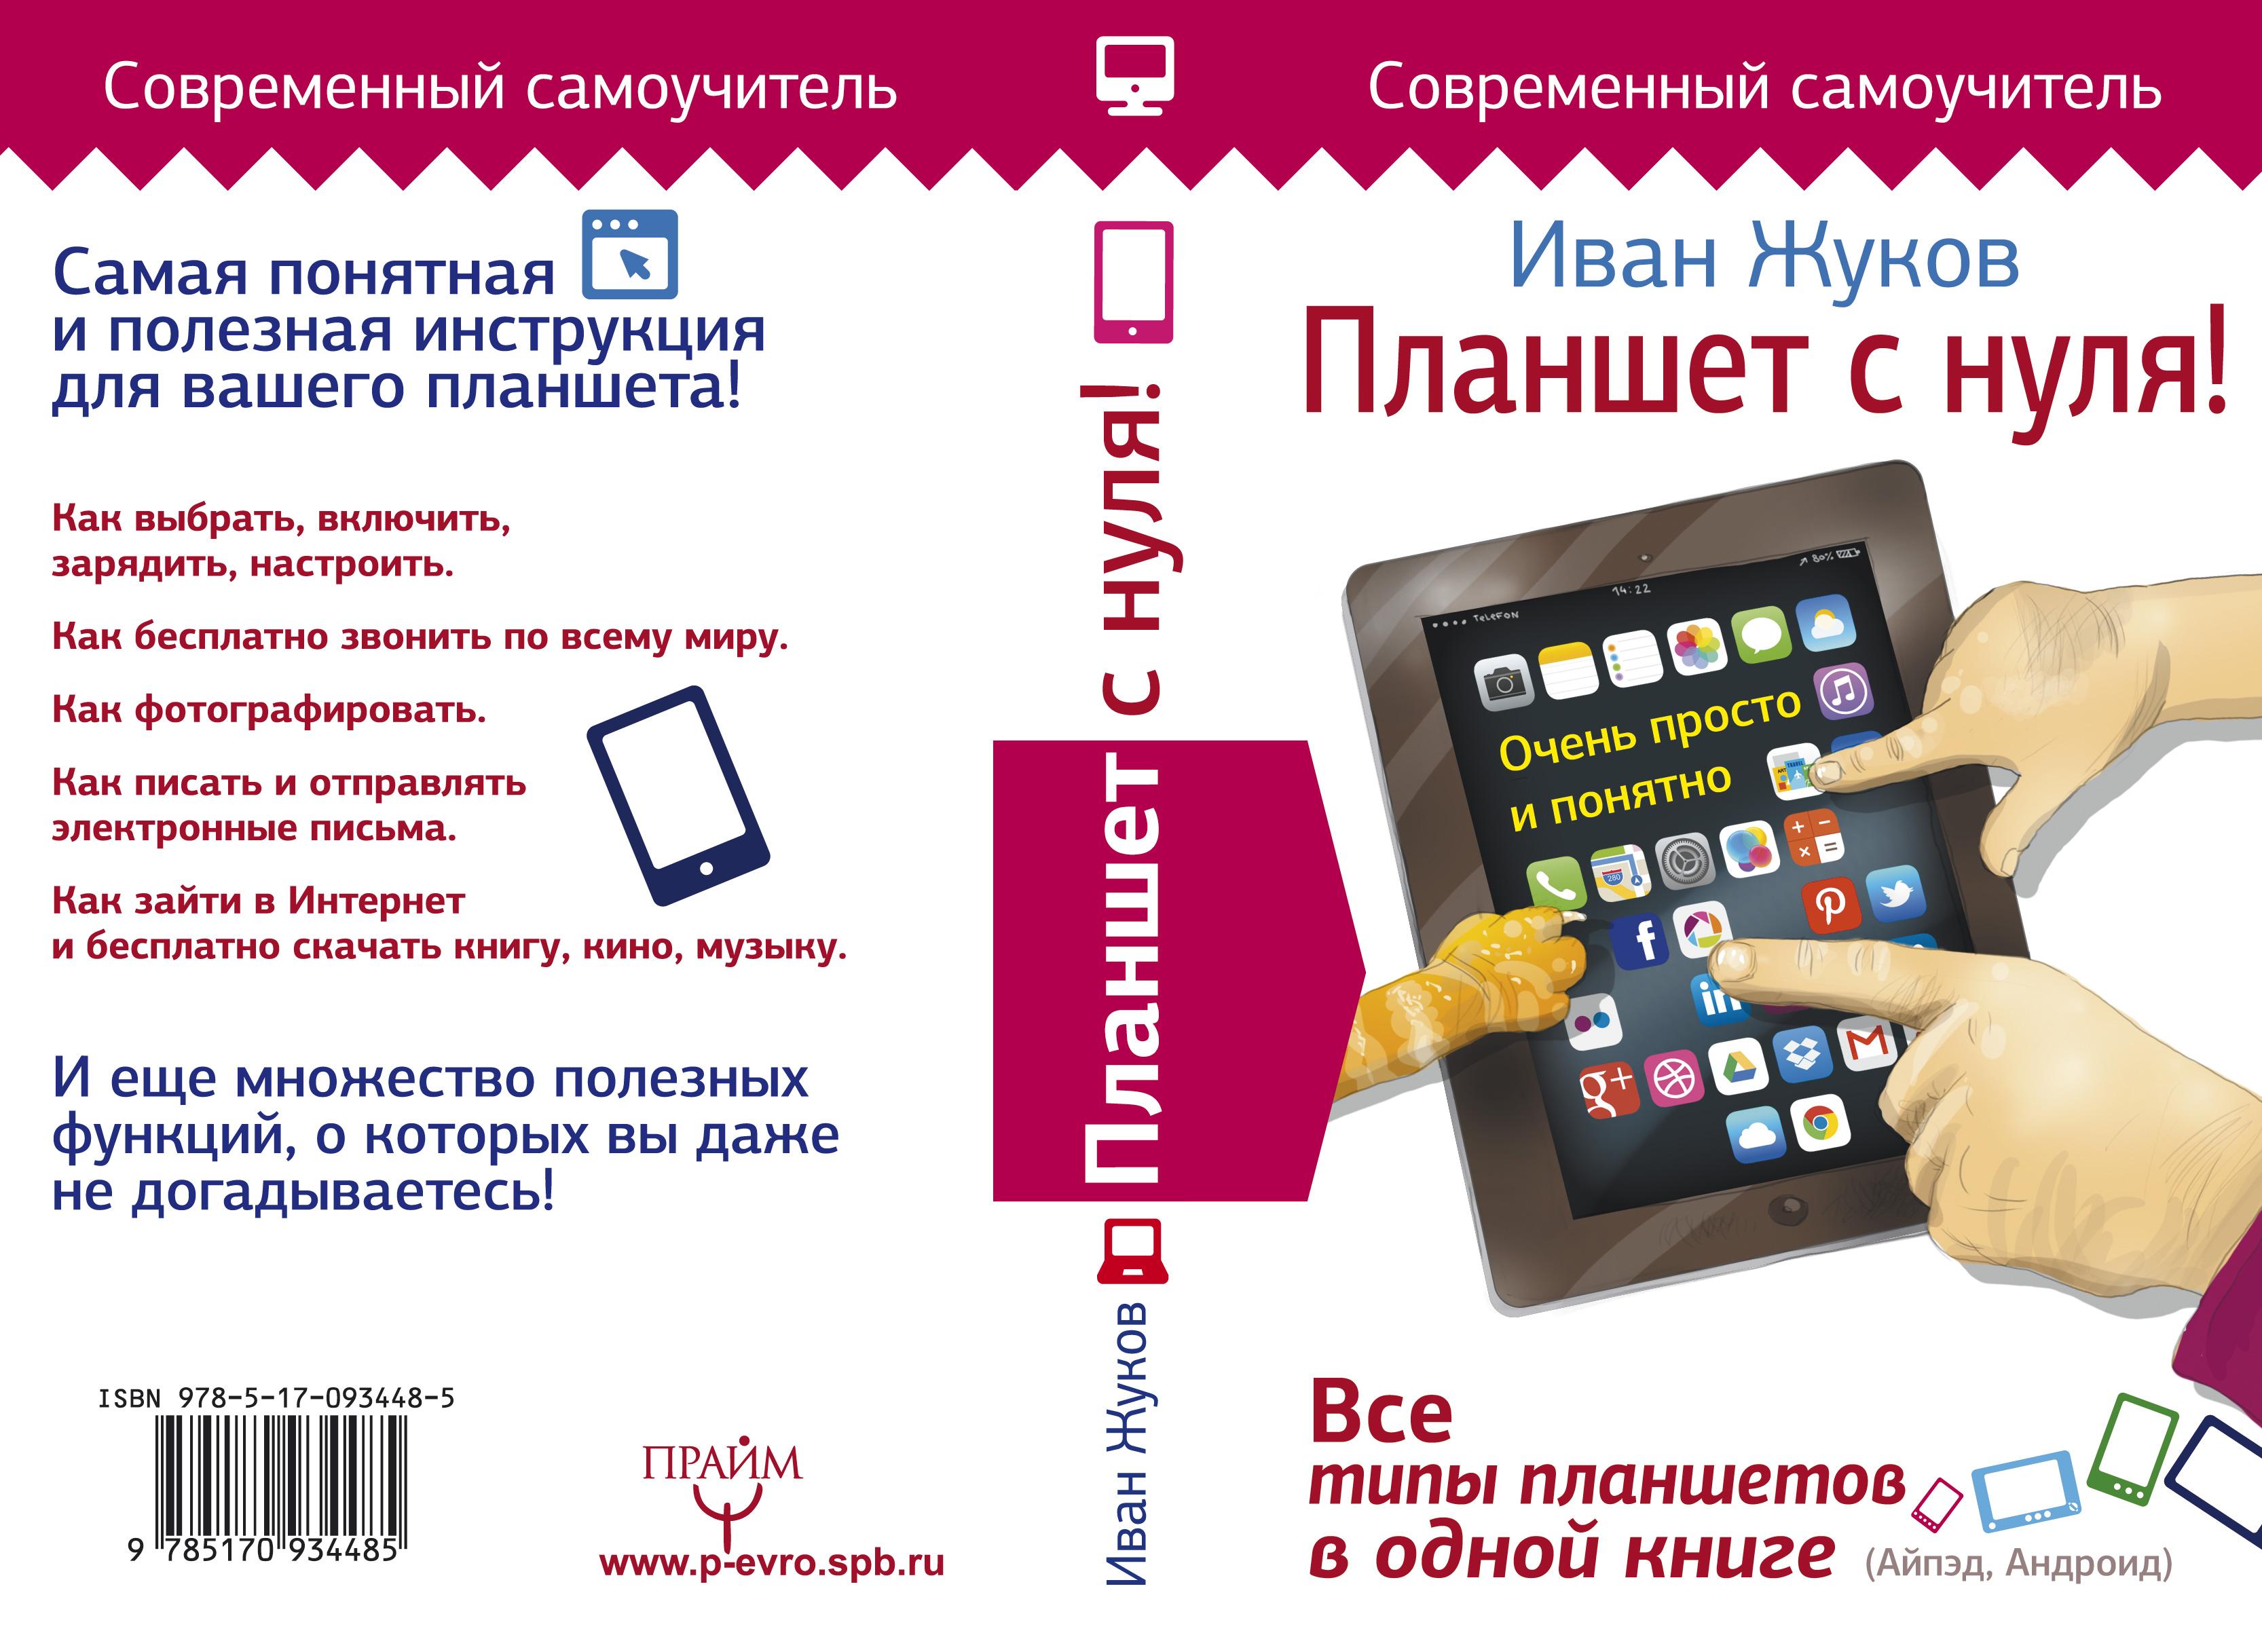 Современная проза ⋆ Хотите книги на андроид скачать без рекламы?